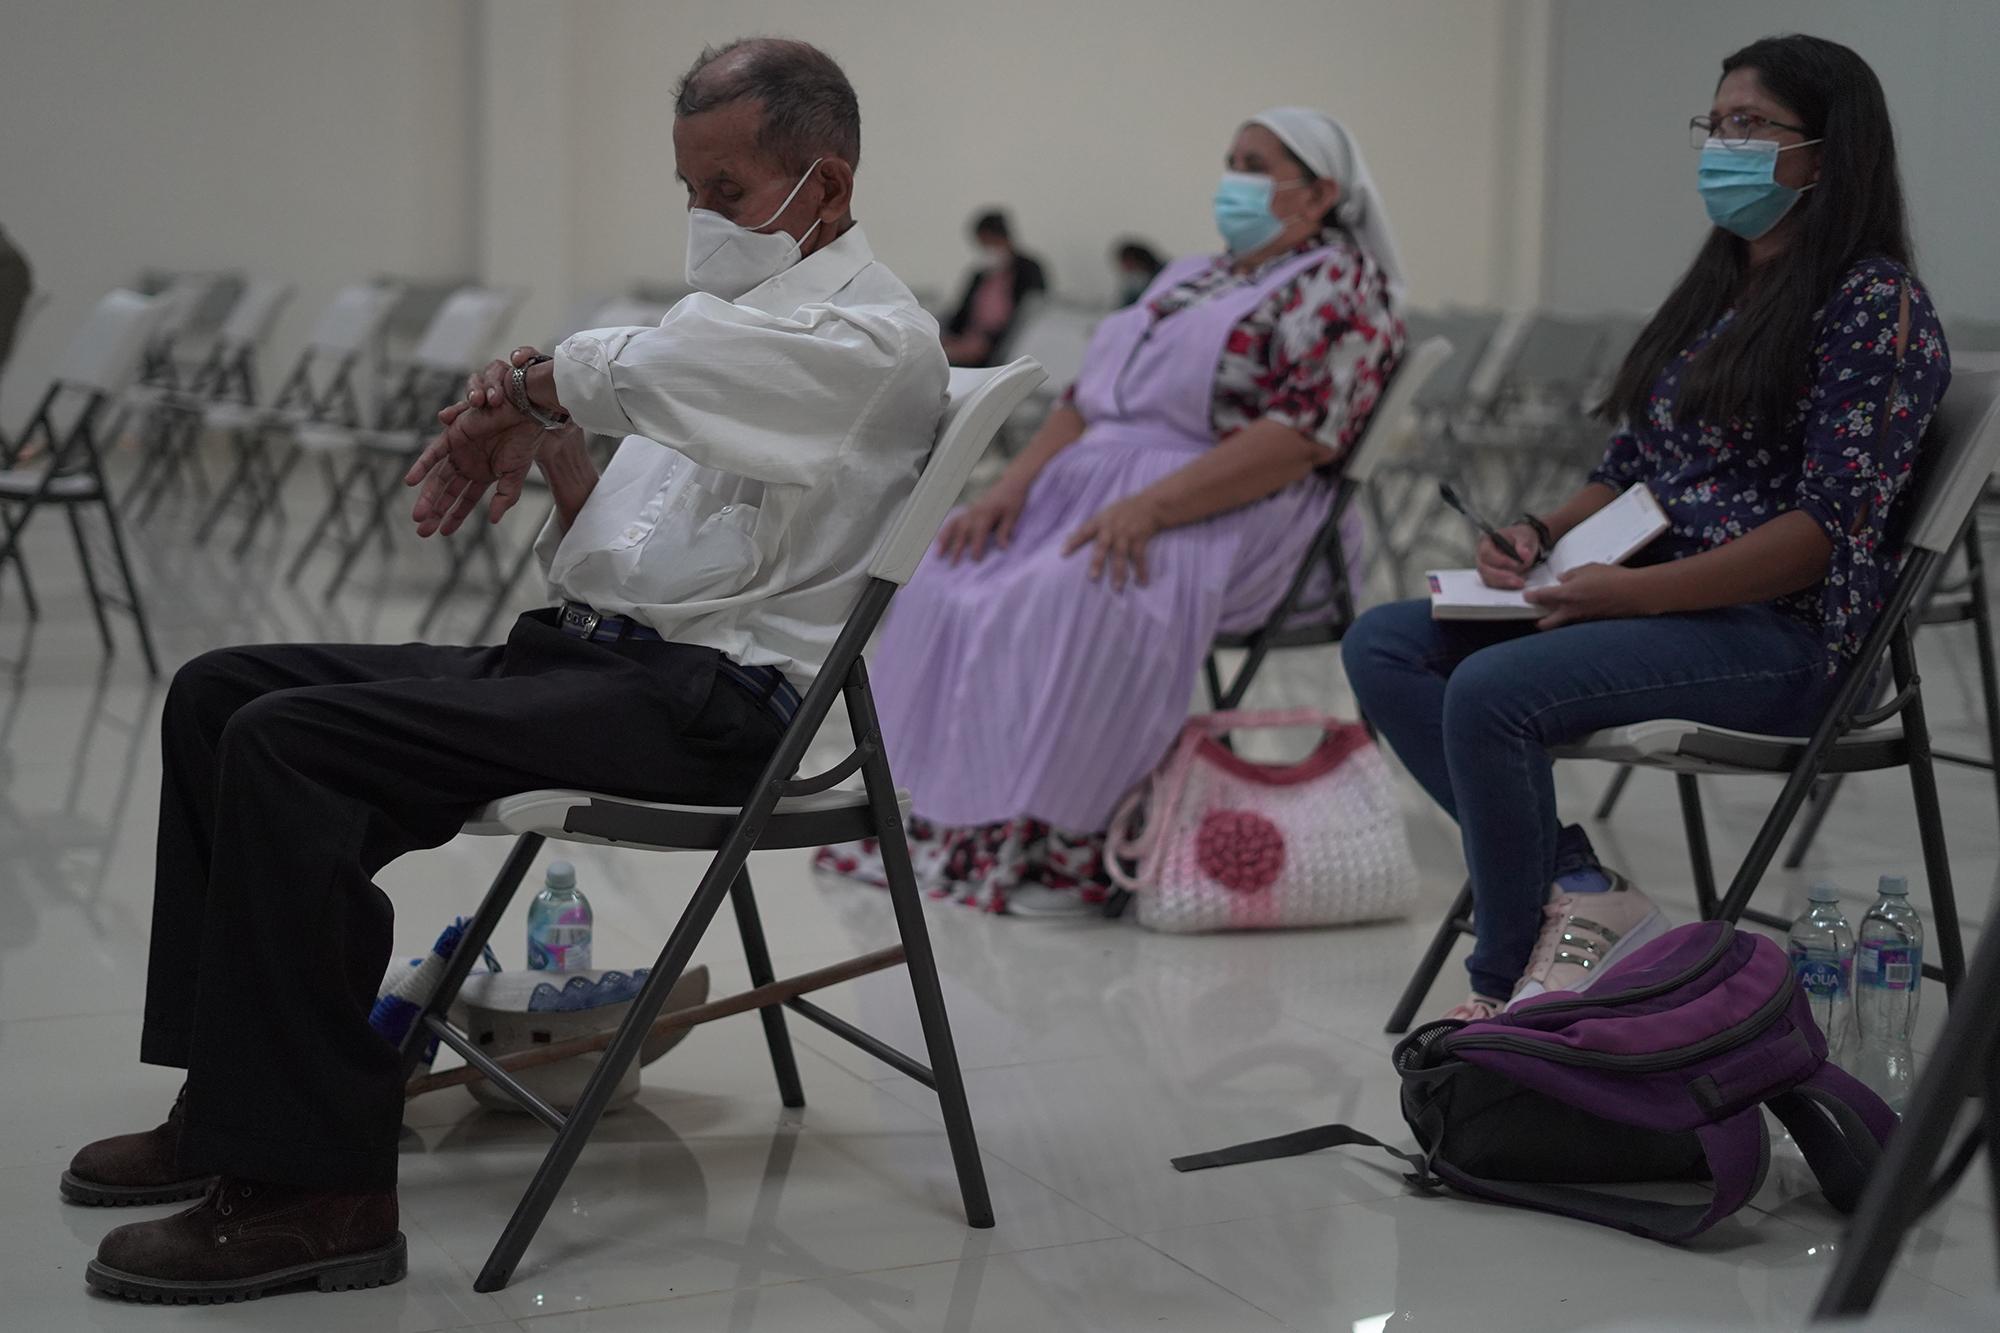 Hilario Sánchez es víctima de la masacre del 11 de diciembre de 1981. Sánchez asistió a la audiencia para escuchar la declaración de Terry Karl durante el último día de su participación. Foto de El Faro: Víctor Peña.